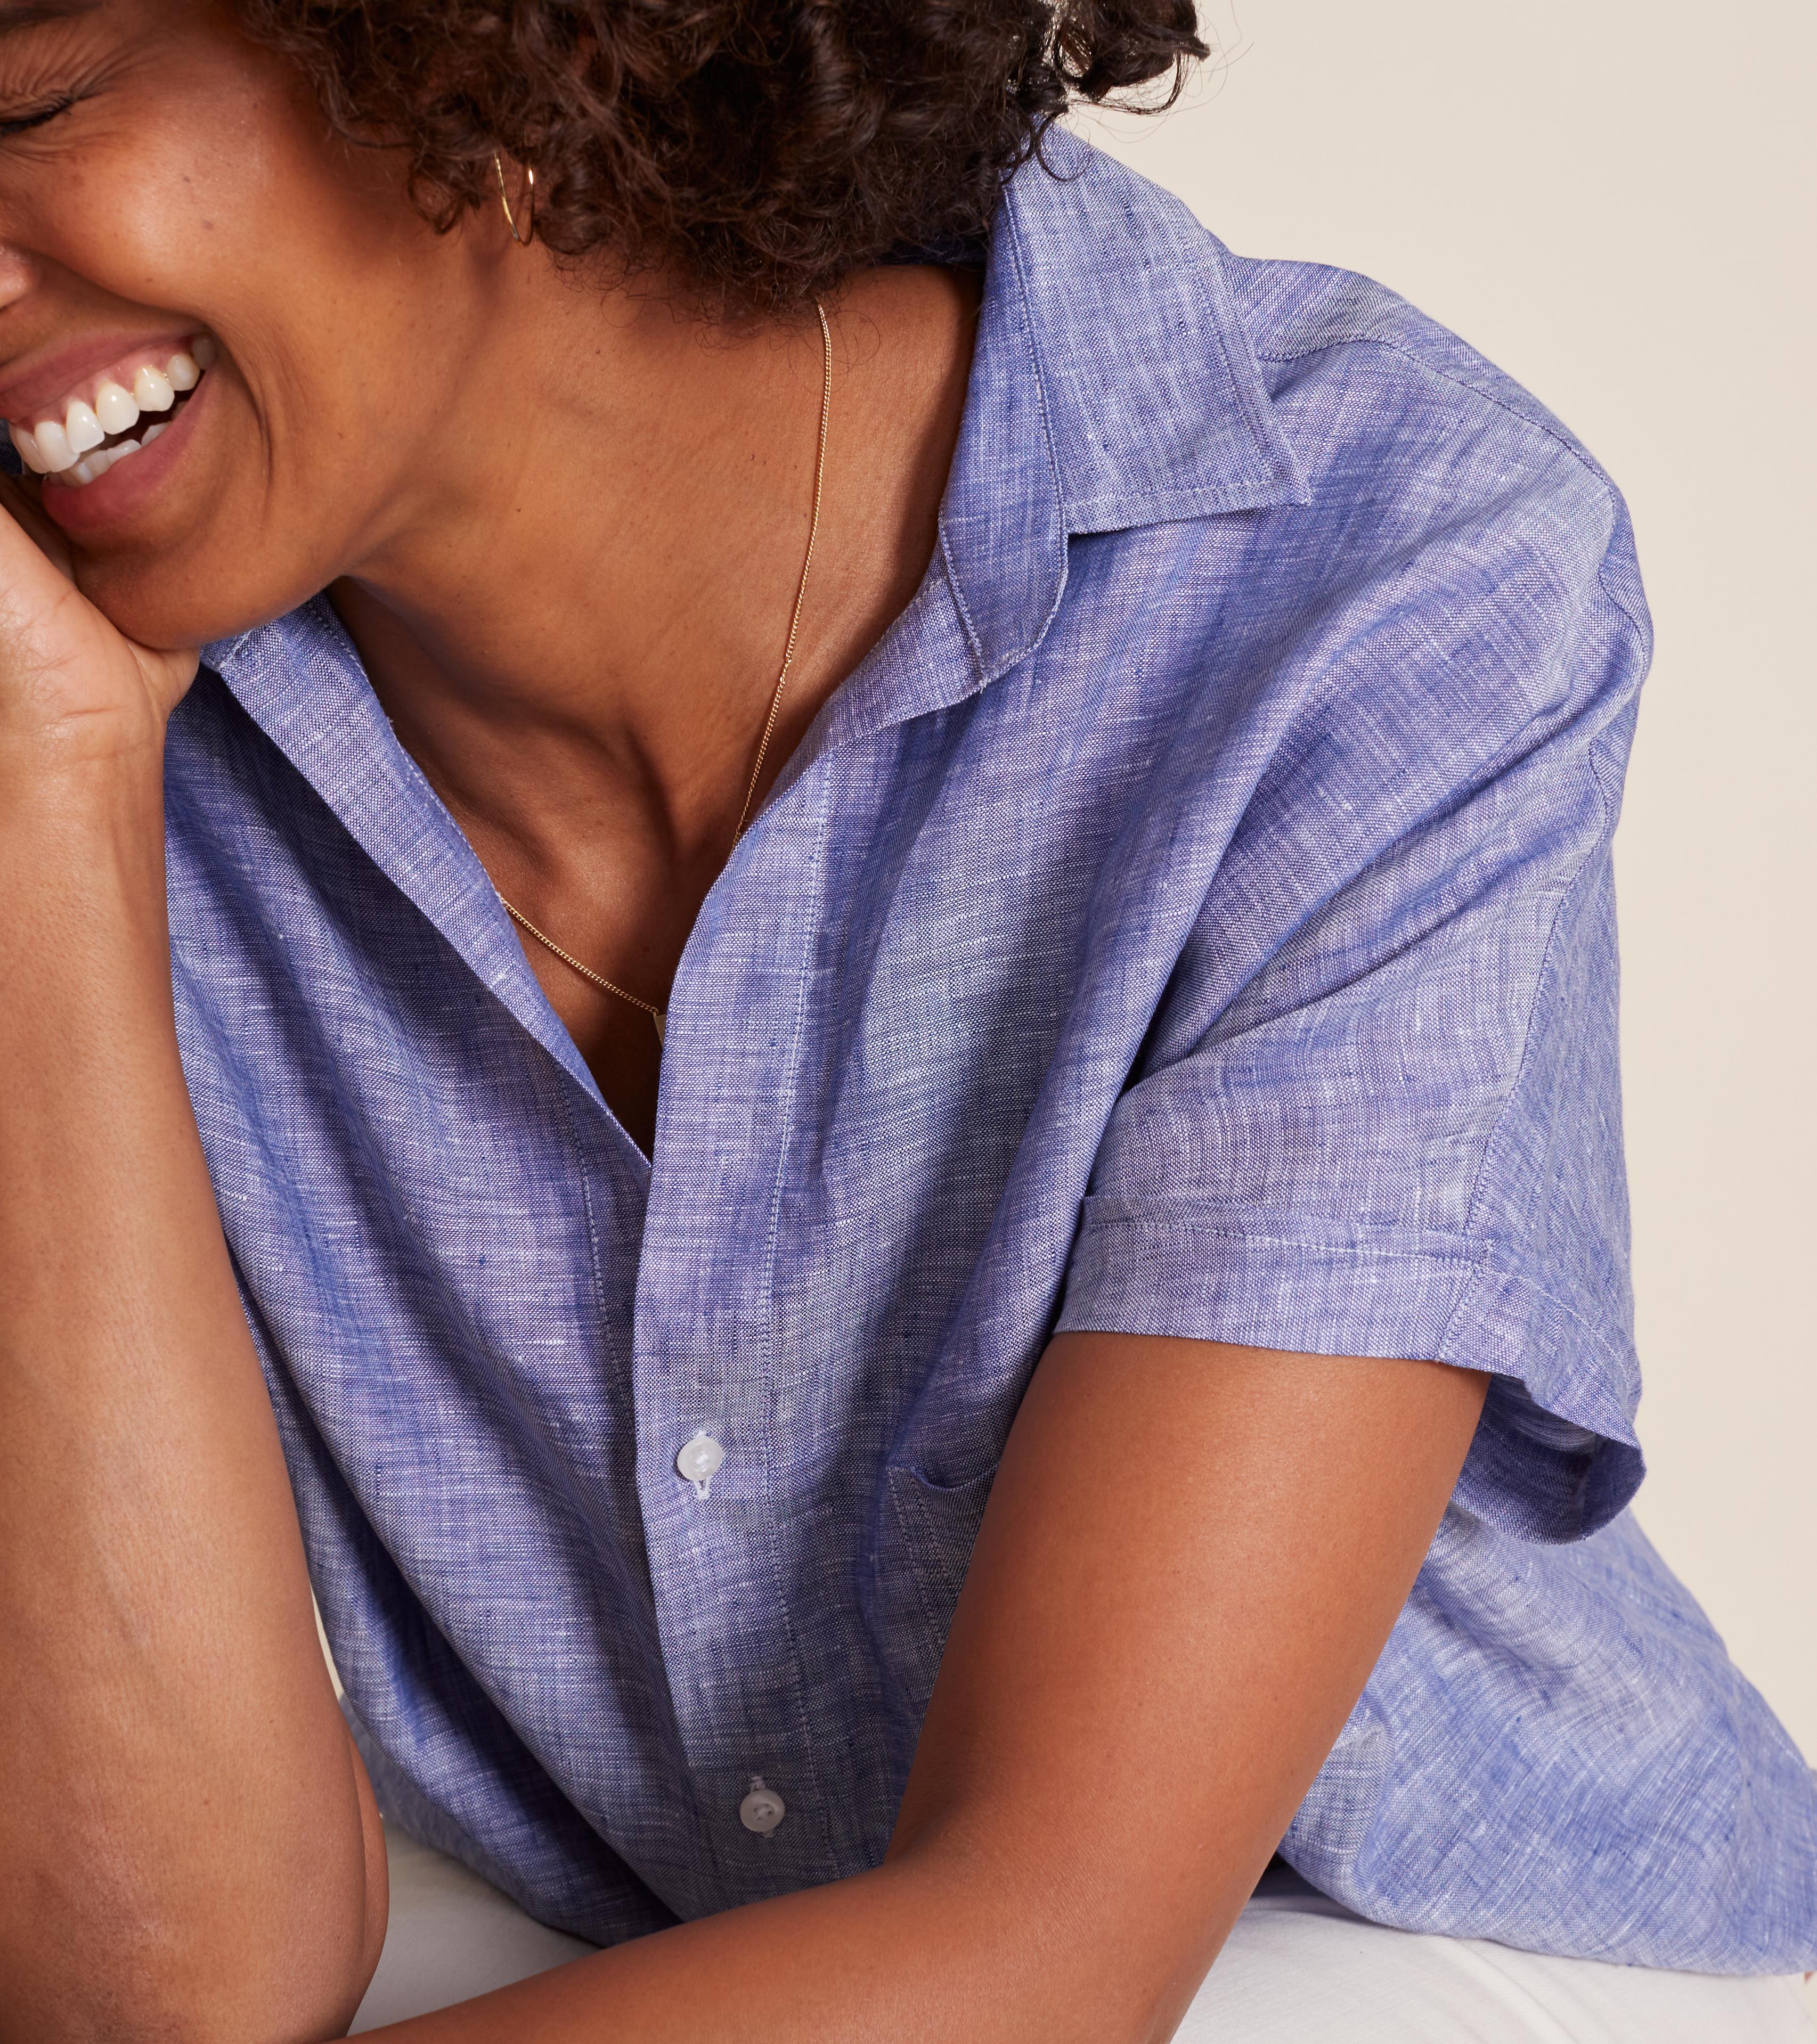 Image of The Artist Short Sleeve Shirt Dark Blue, Tumbled Linen Final Sale